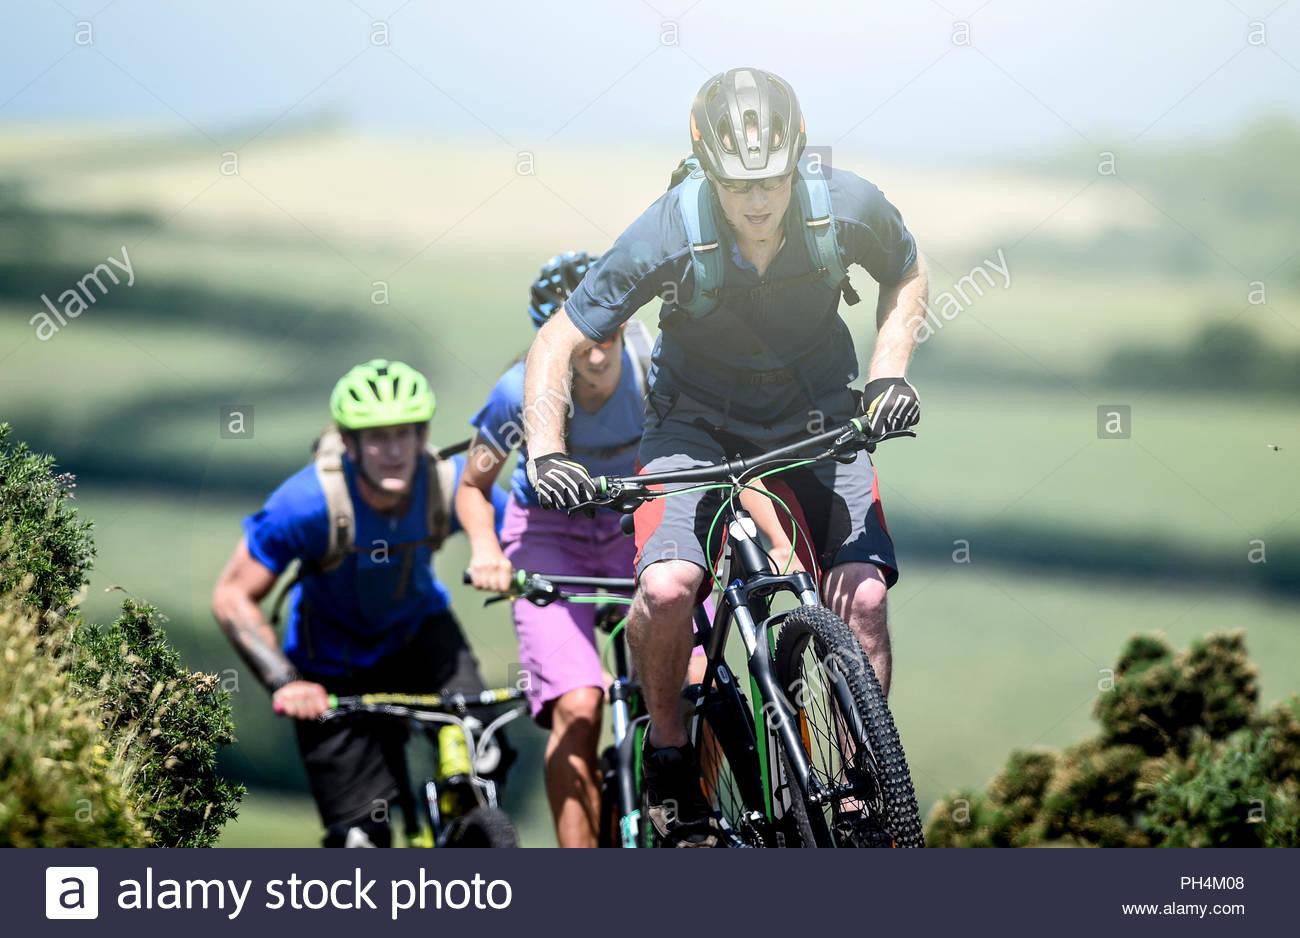 Amigos mountain bike en Porlock Weir, Inglaterra Imagen De Stock